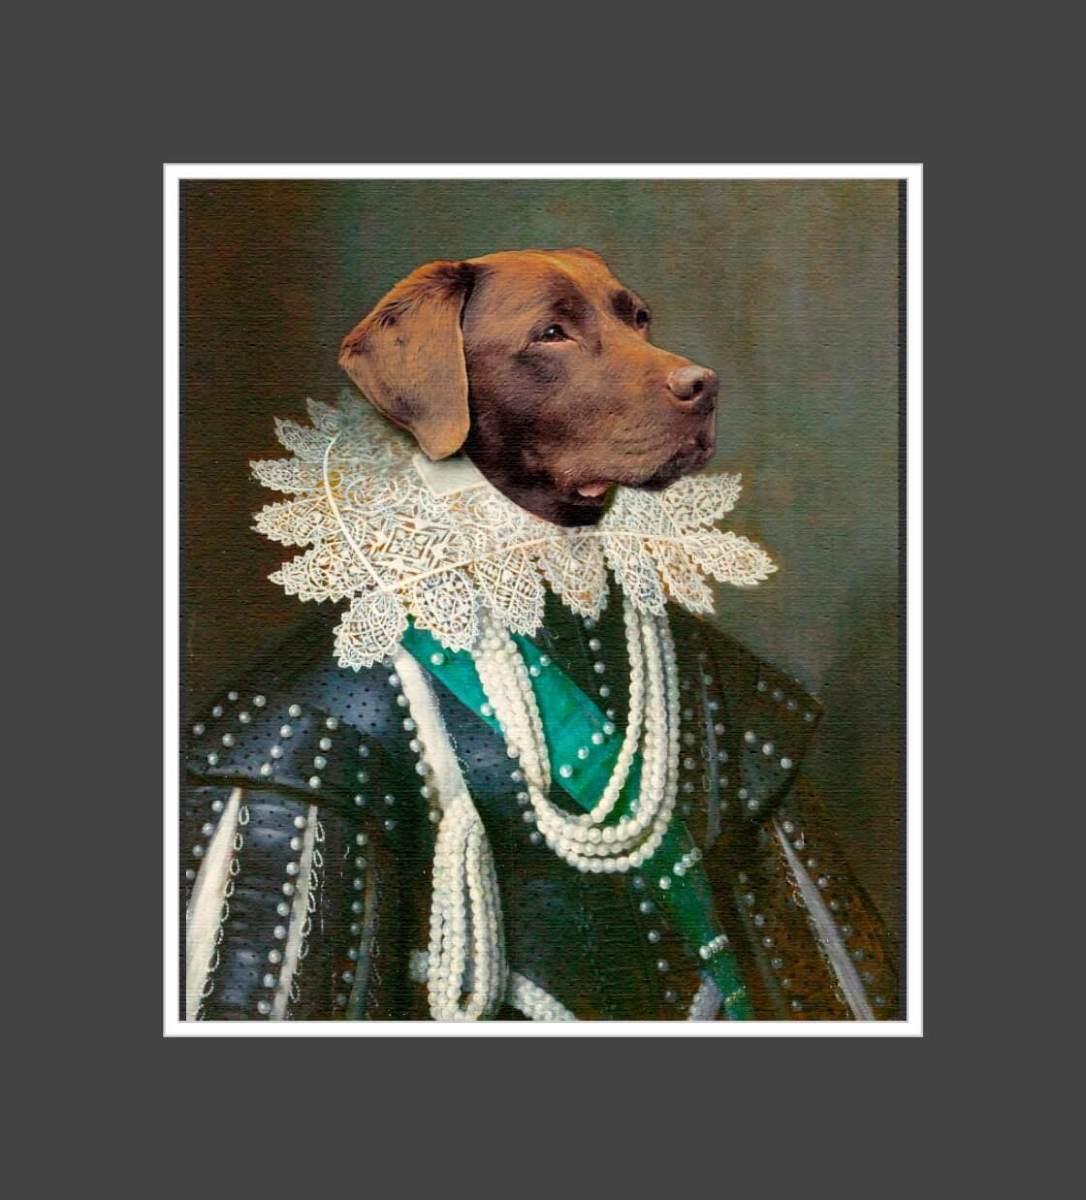 My Majestic Pet: Mijn hond vereeuwigd op doek als een koning! Rust zacht, lieve schat!